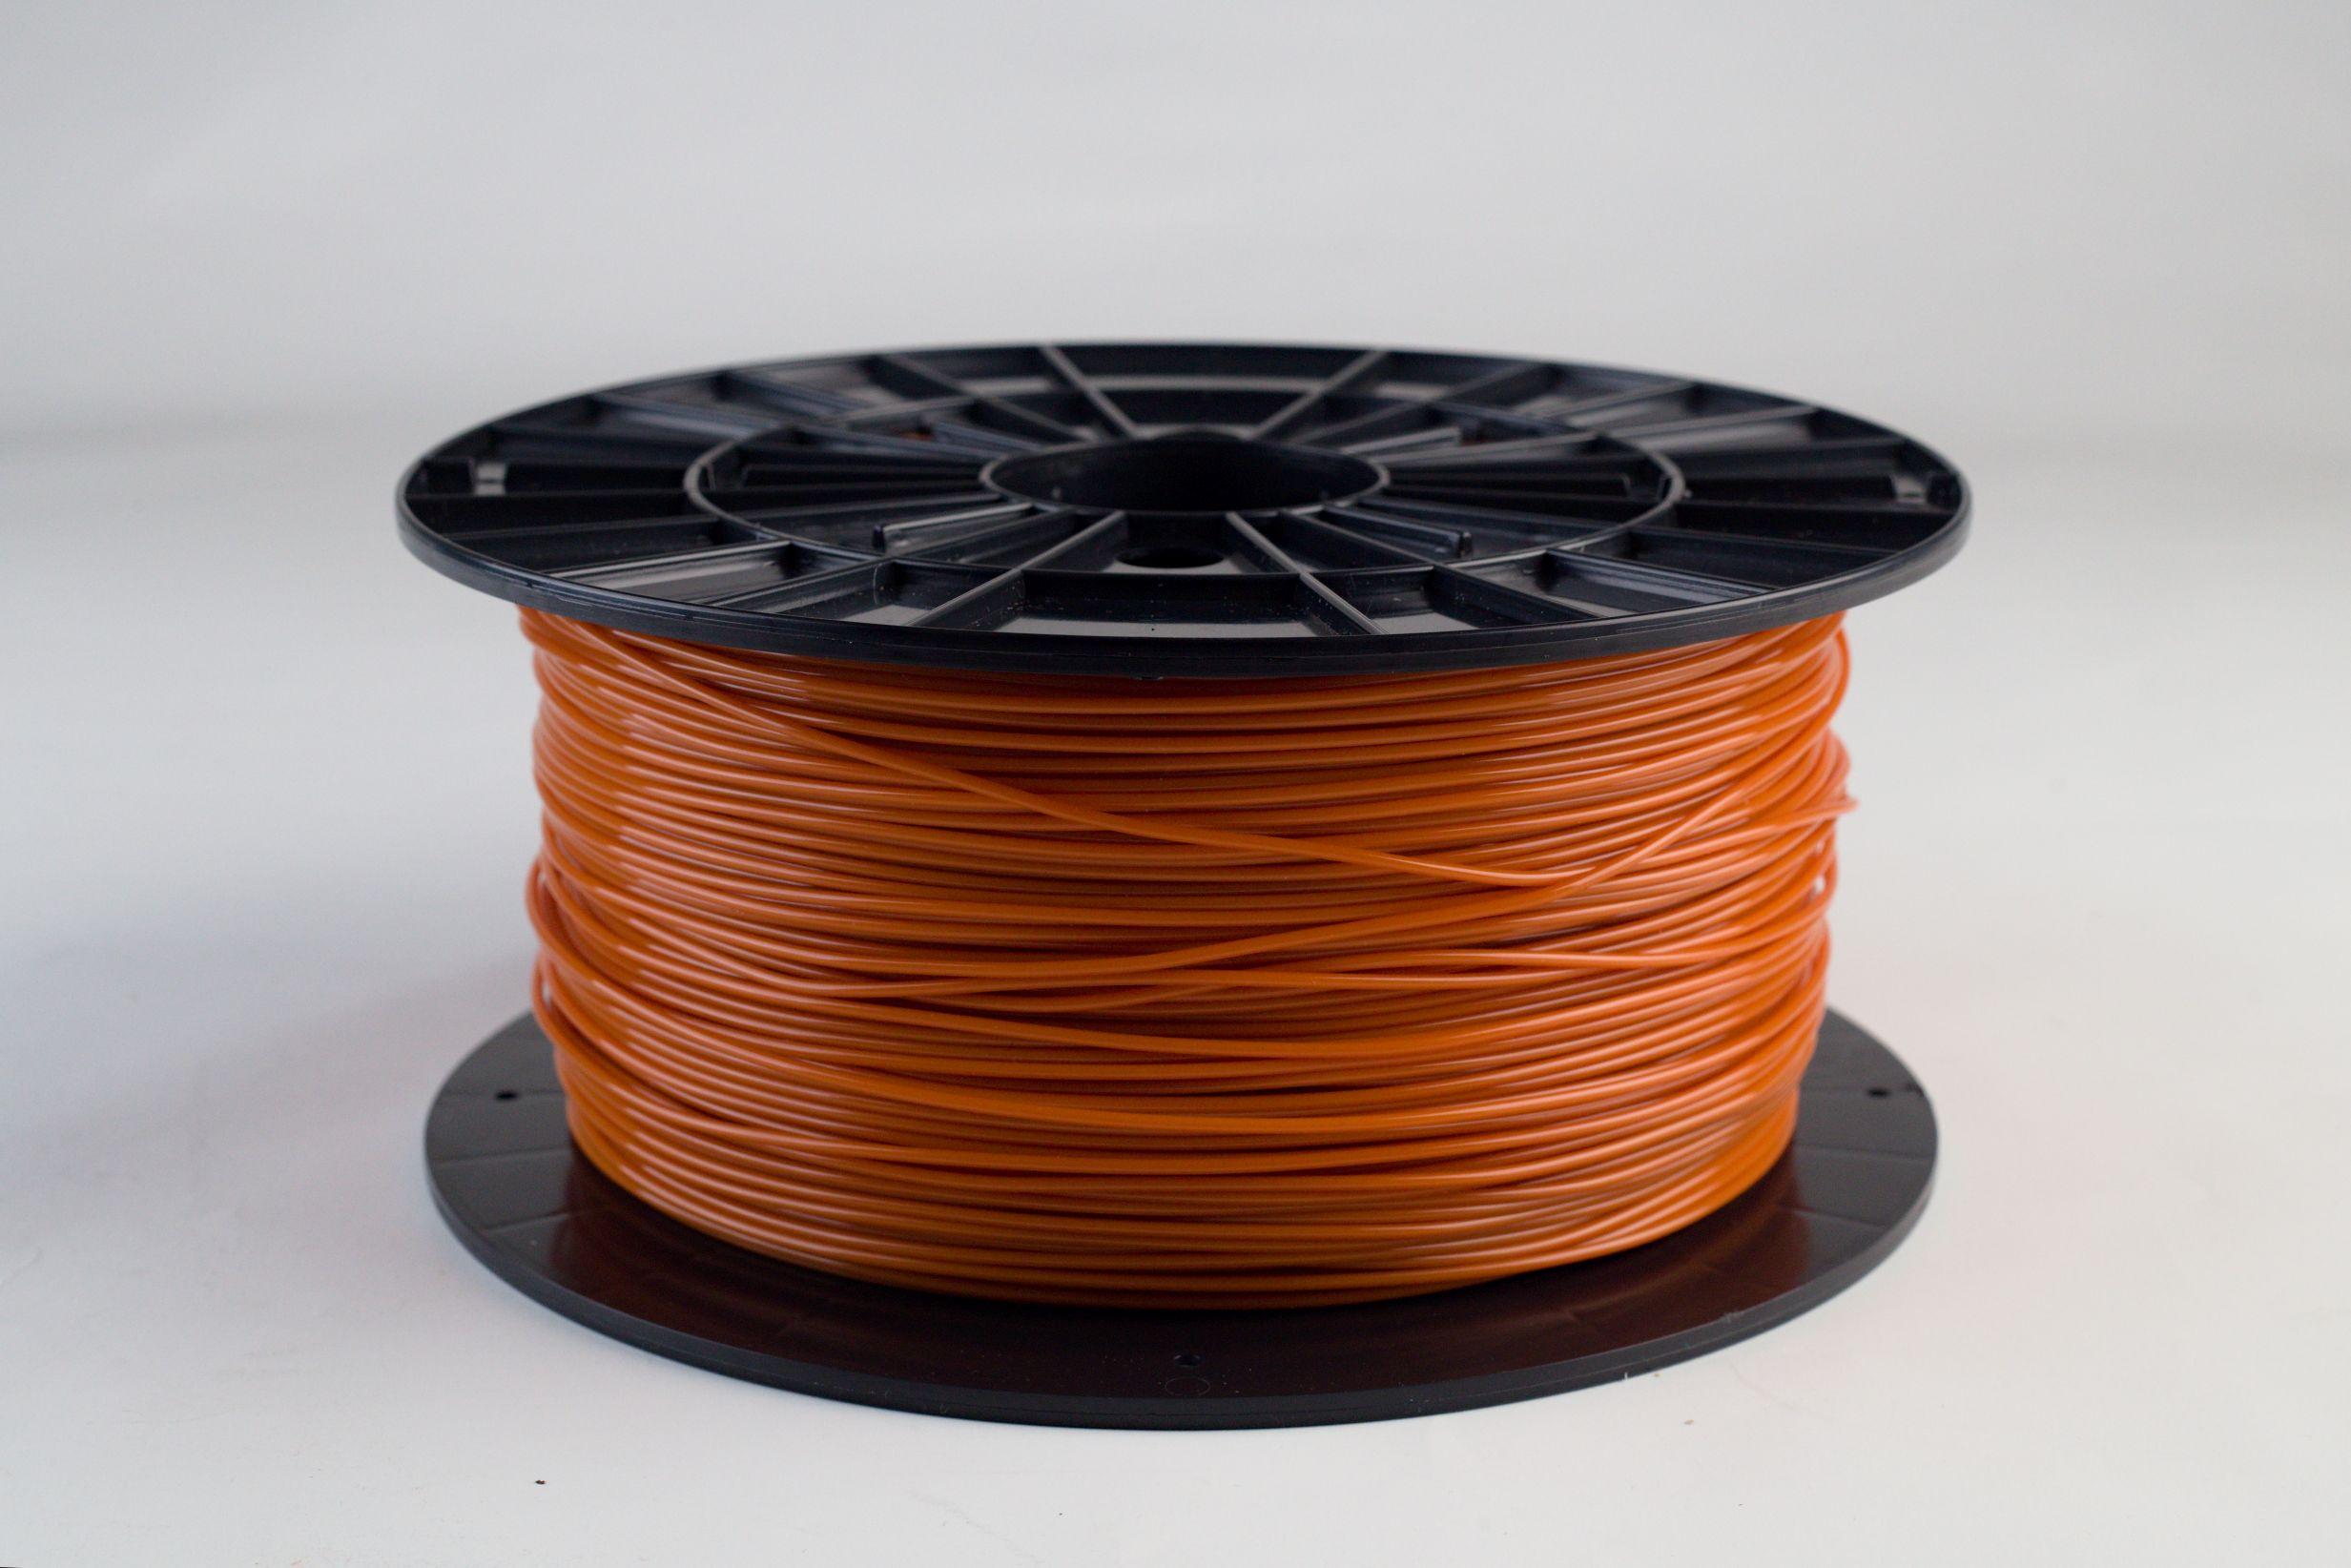 Filament-PM Tlačová struna PLA 1.75mm, 1kg - rôzne farby Farba: Oranžovohnedá